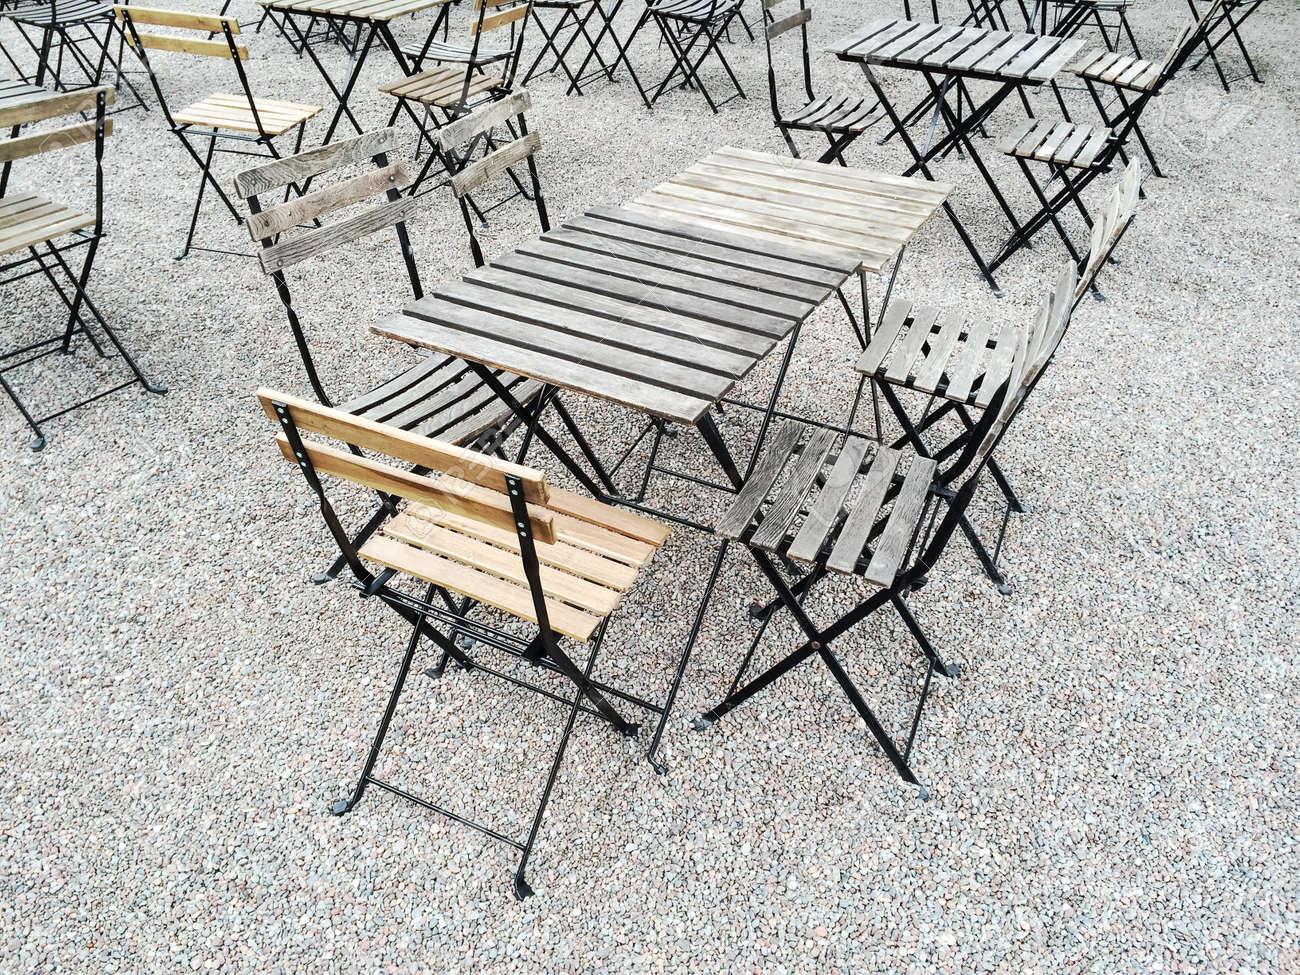 Tavoli E Sedie In Legno Per Esterno.Immagini Stock Caffe Esterno Con Tavoli E Sedie In Legno Image